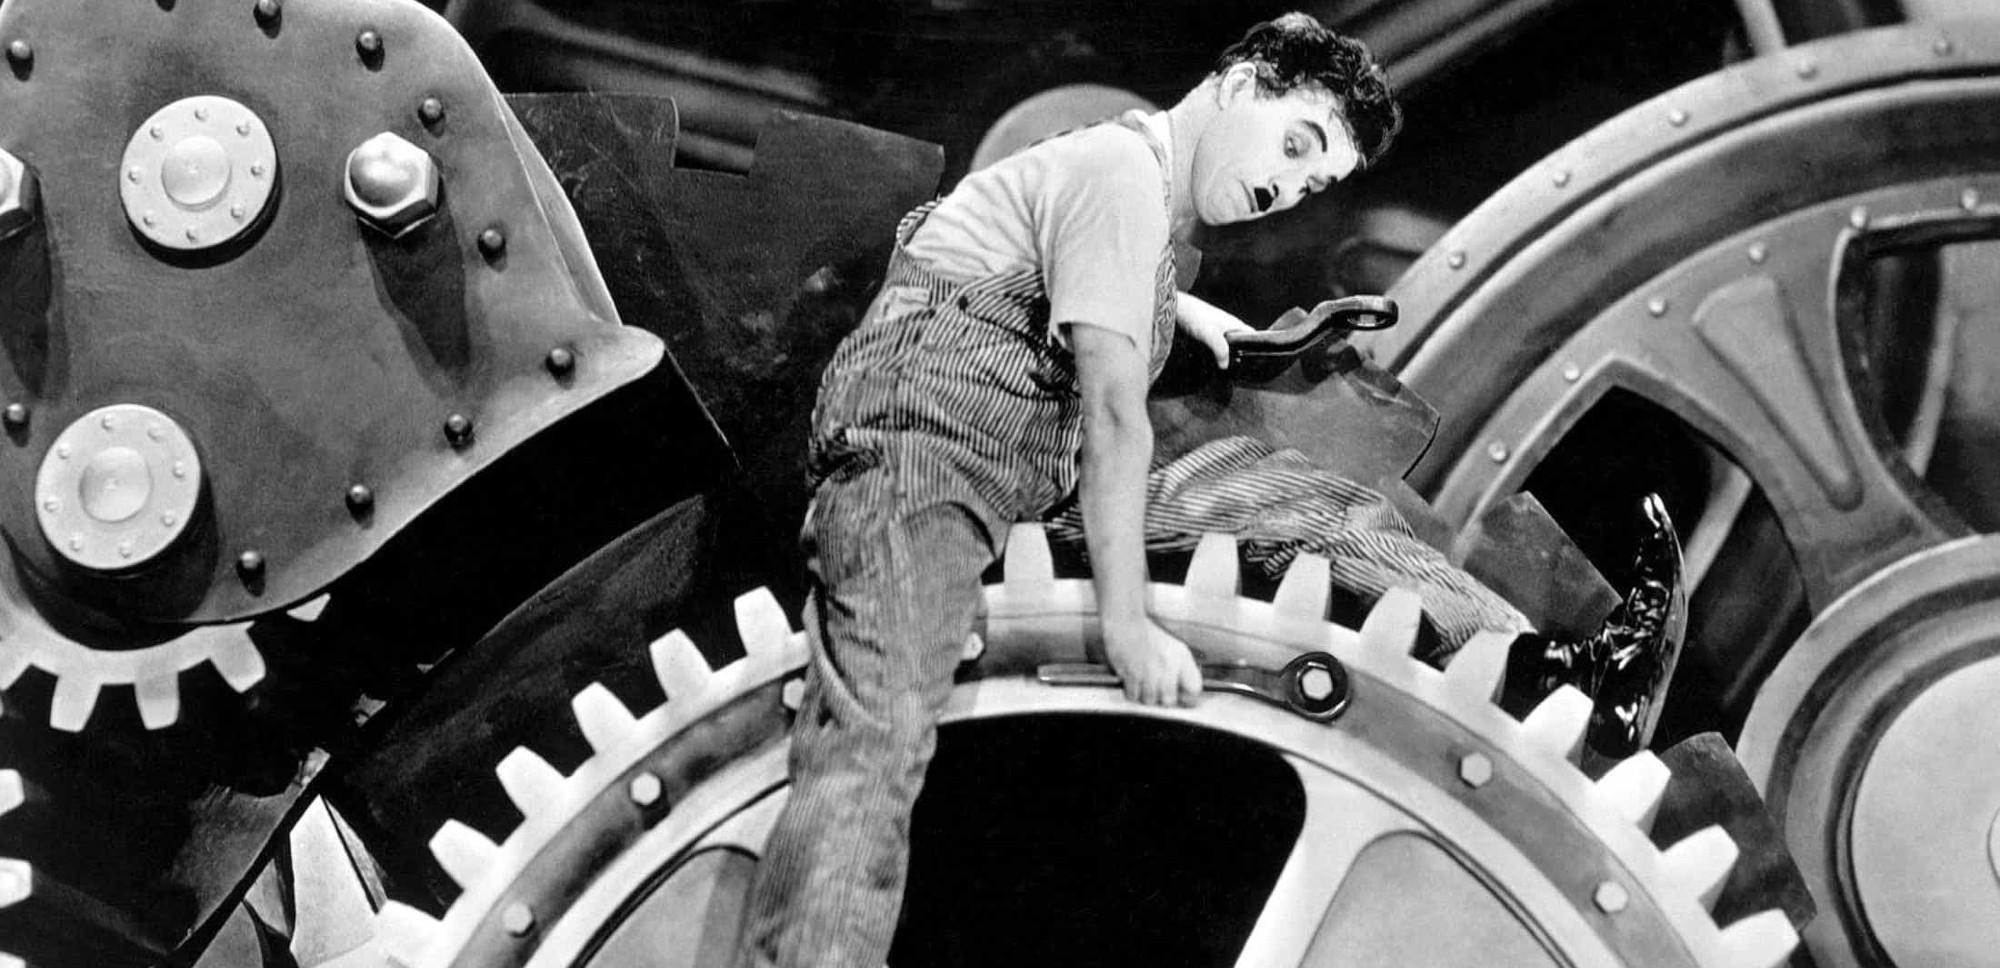 Repensando el trabajador ideal